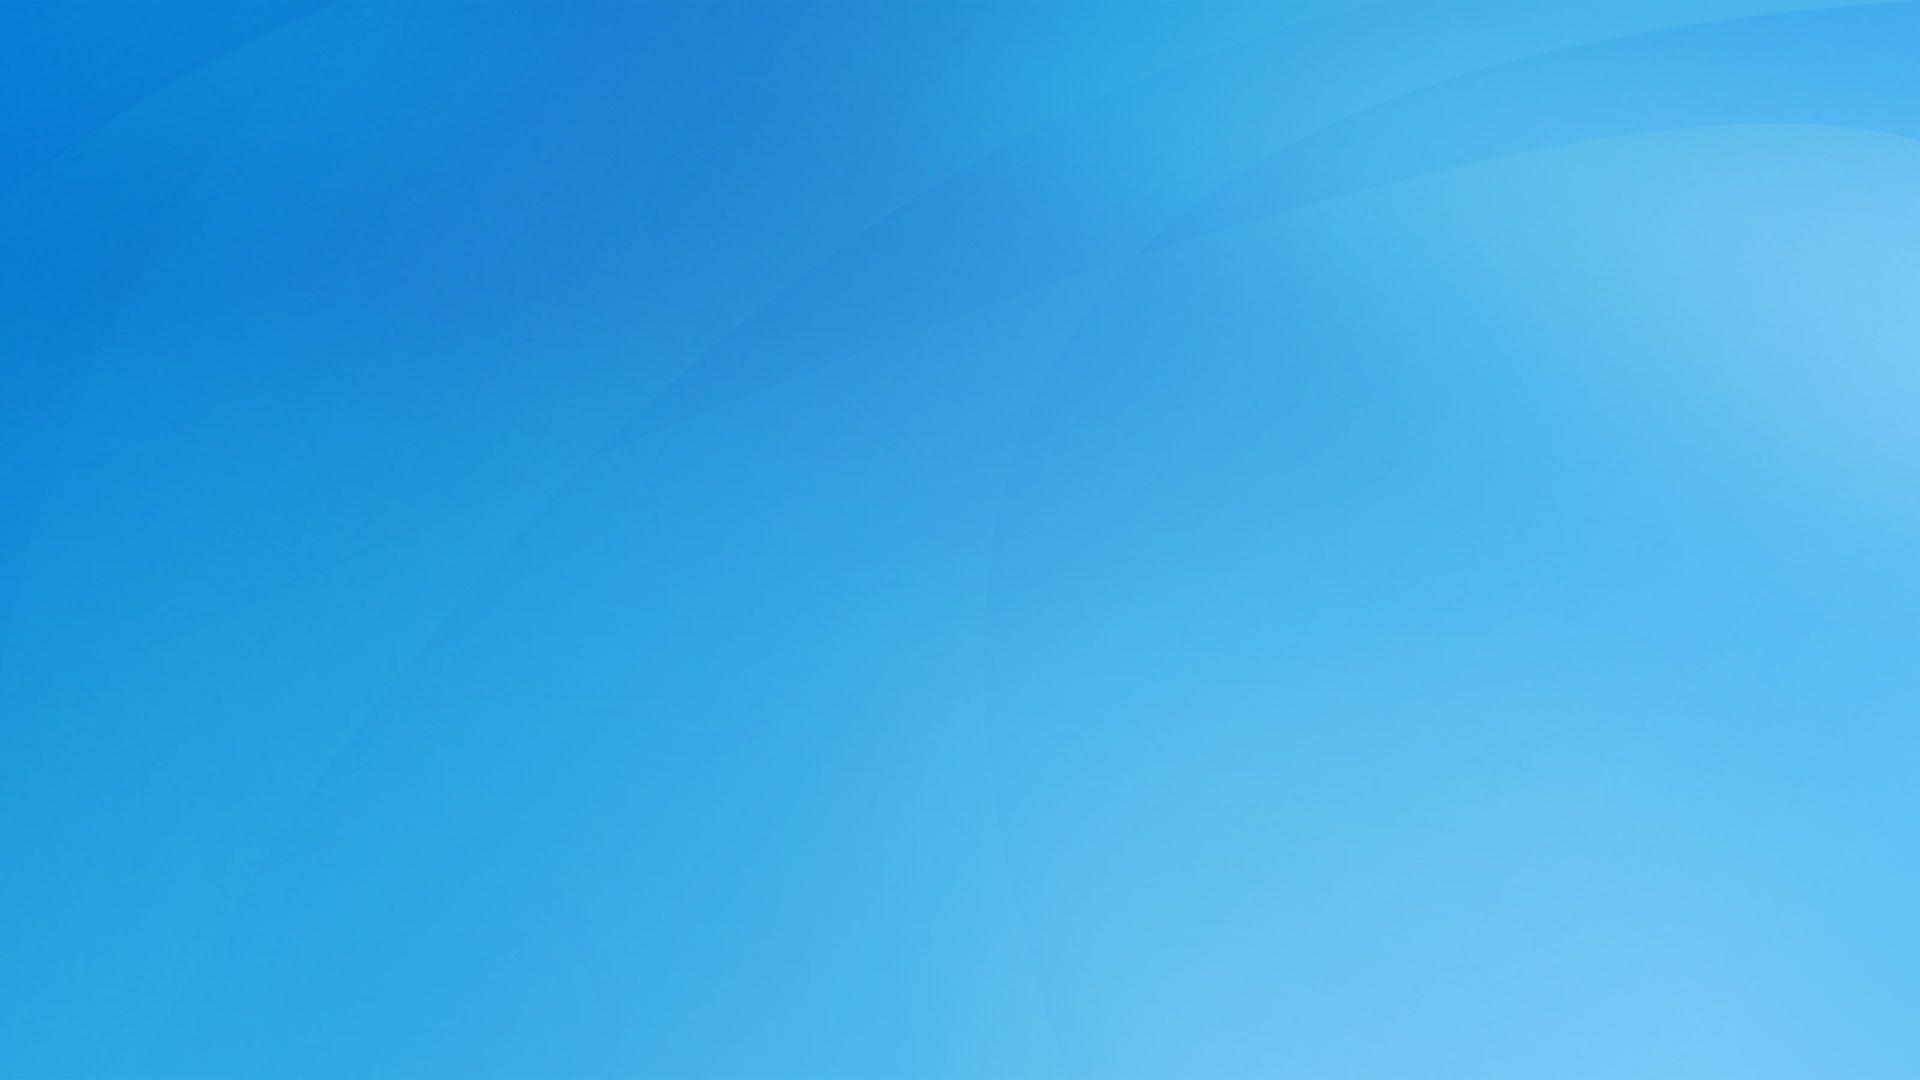 1920x1080 Hình nền màu xanh dương nhạt 46971 1920x1080px